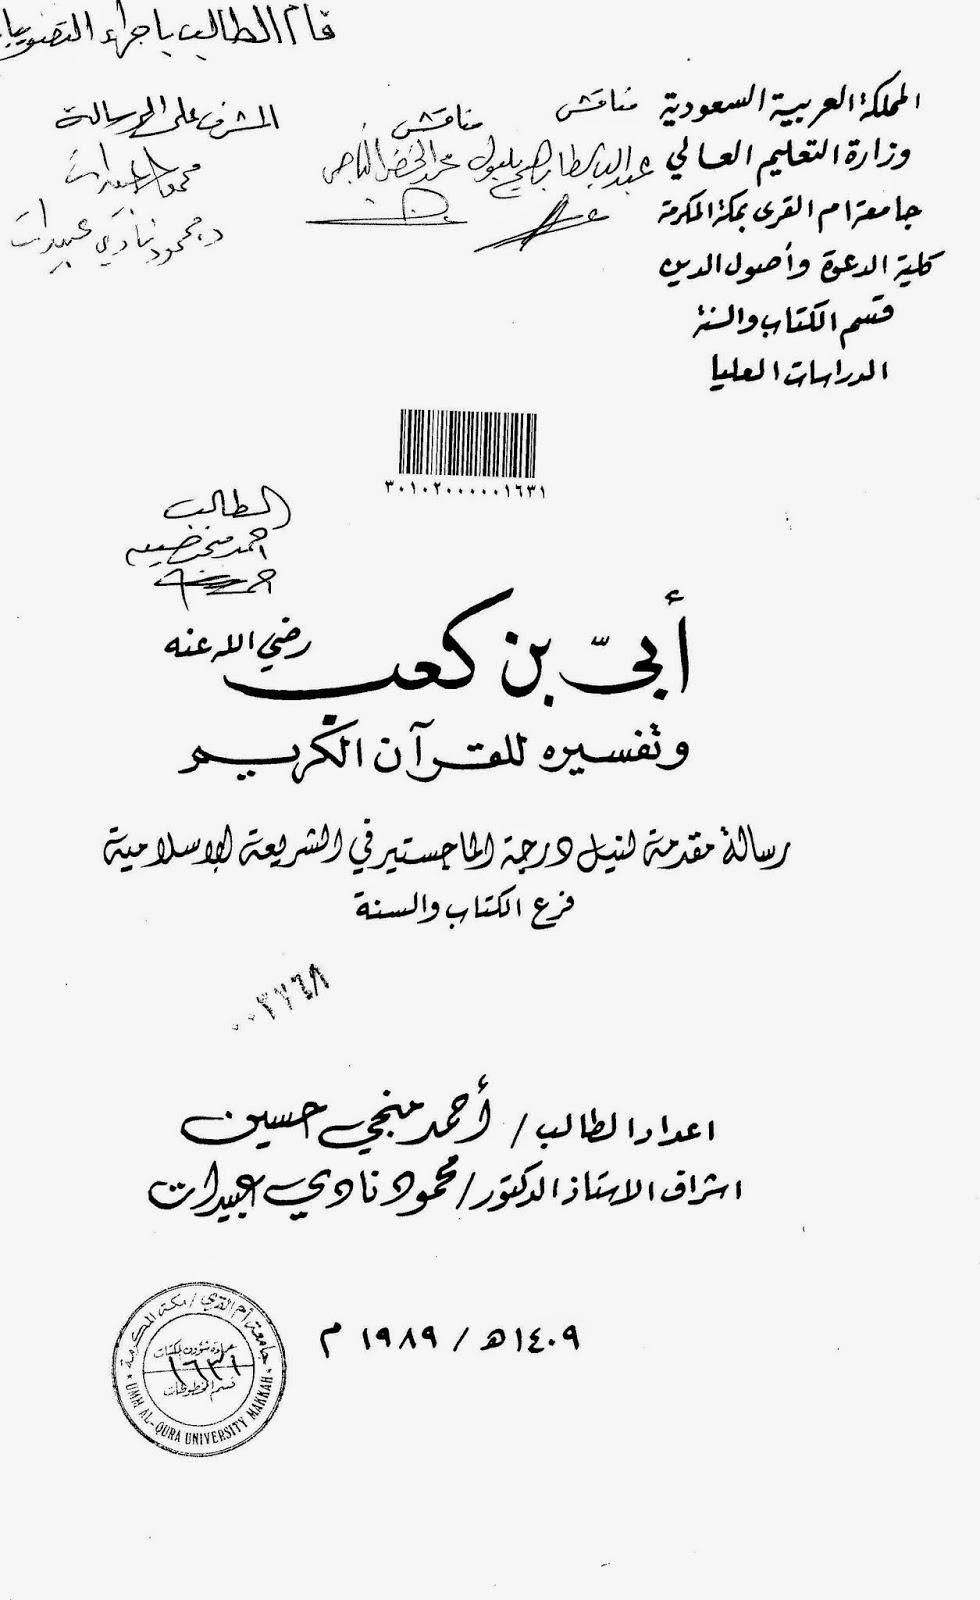 أبي بن كعب ونفسيره للقرآن الكريم - رسالة ماجستير pdf